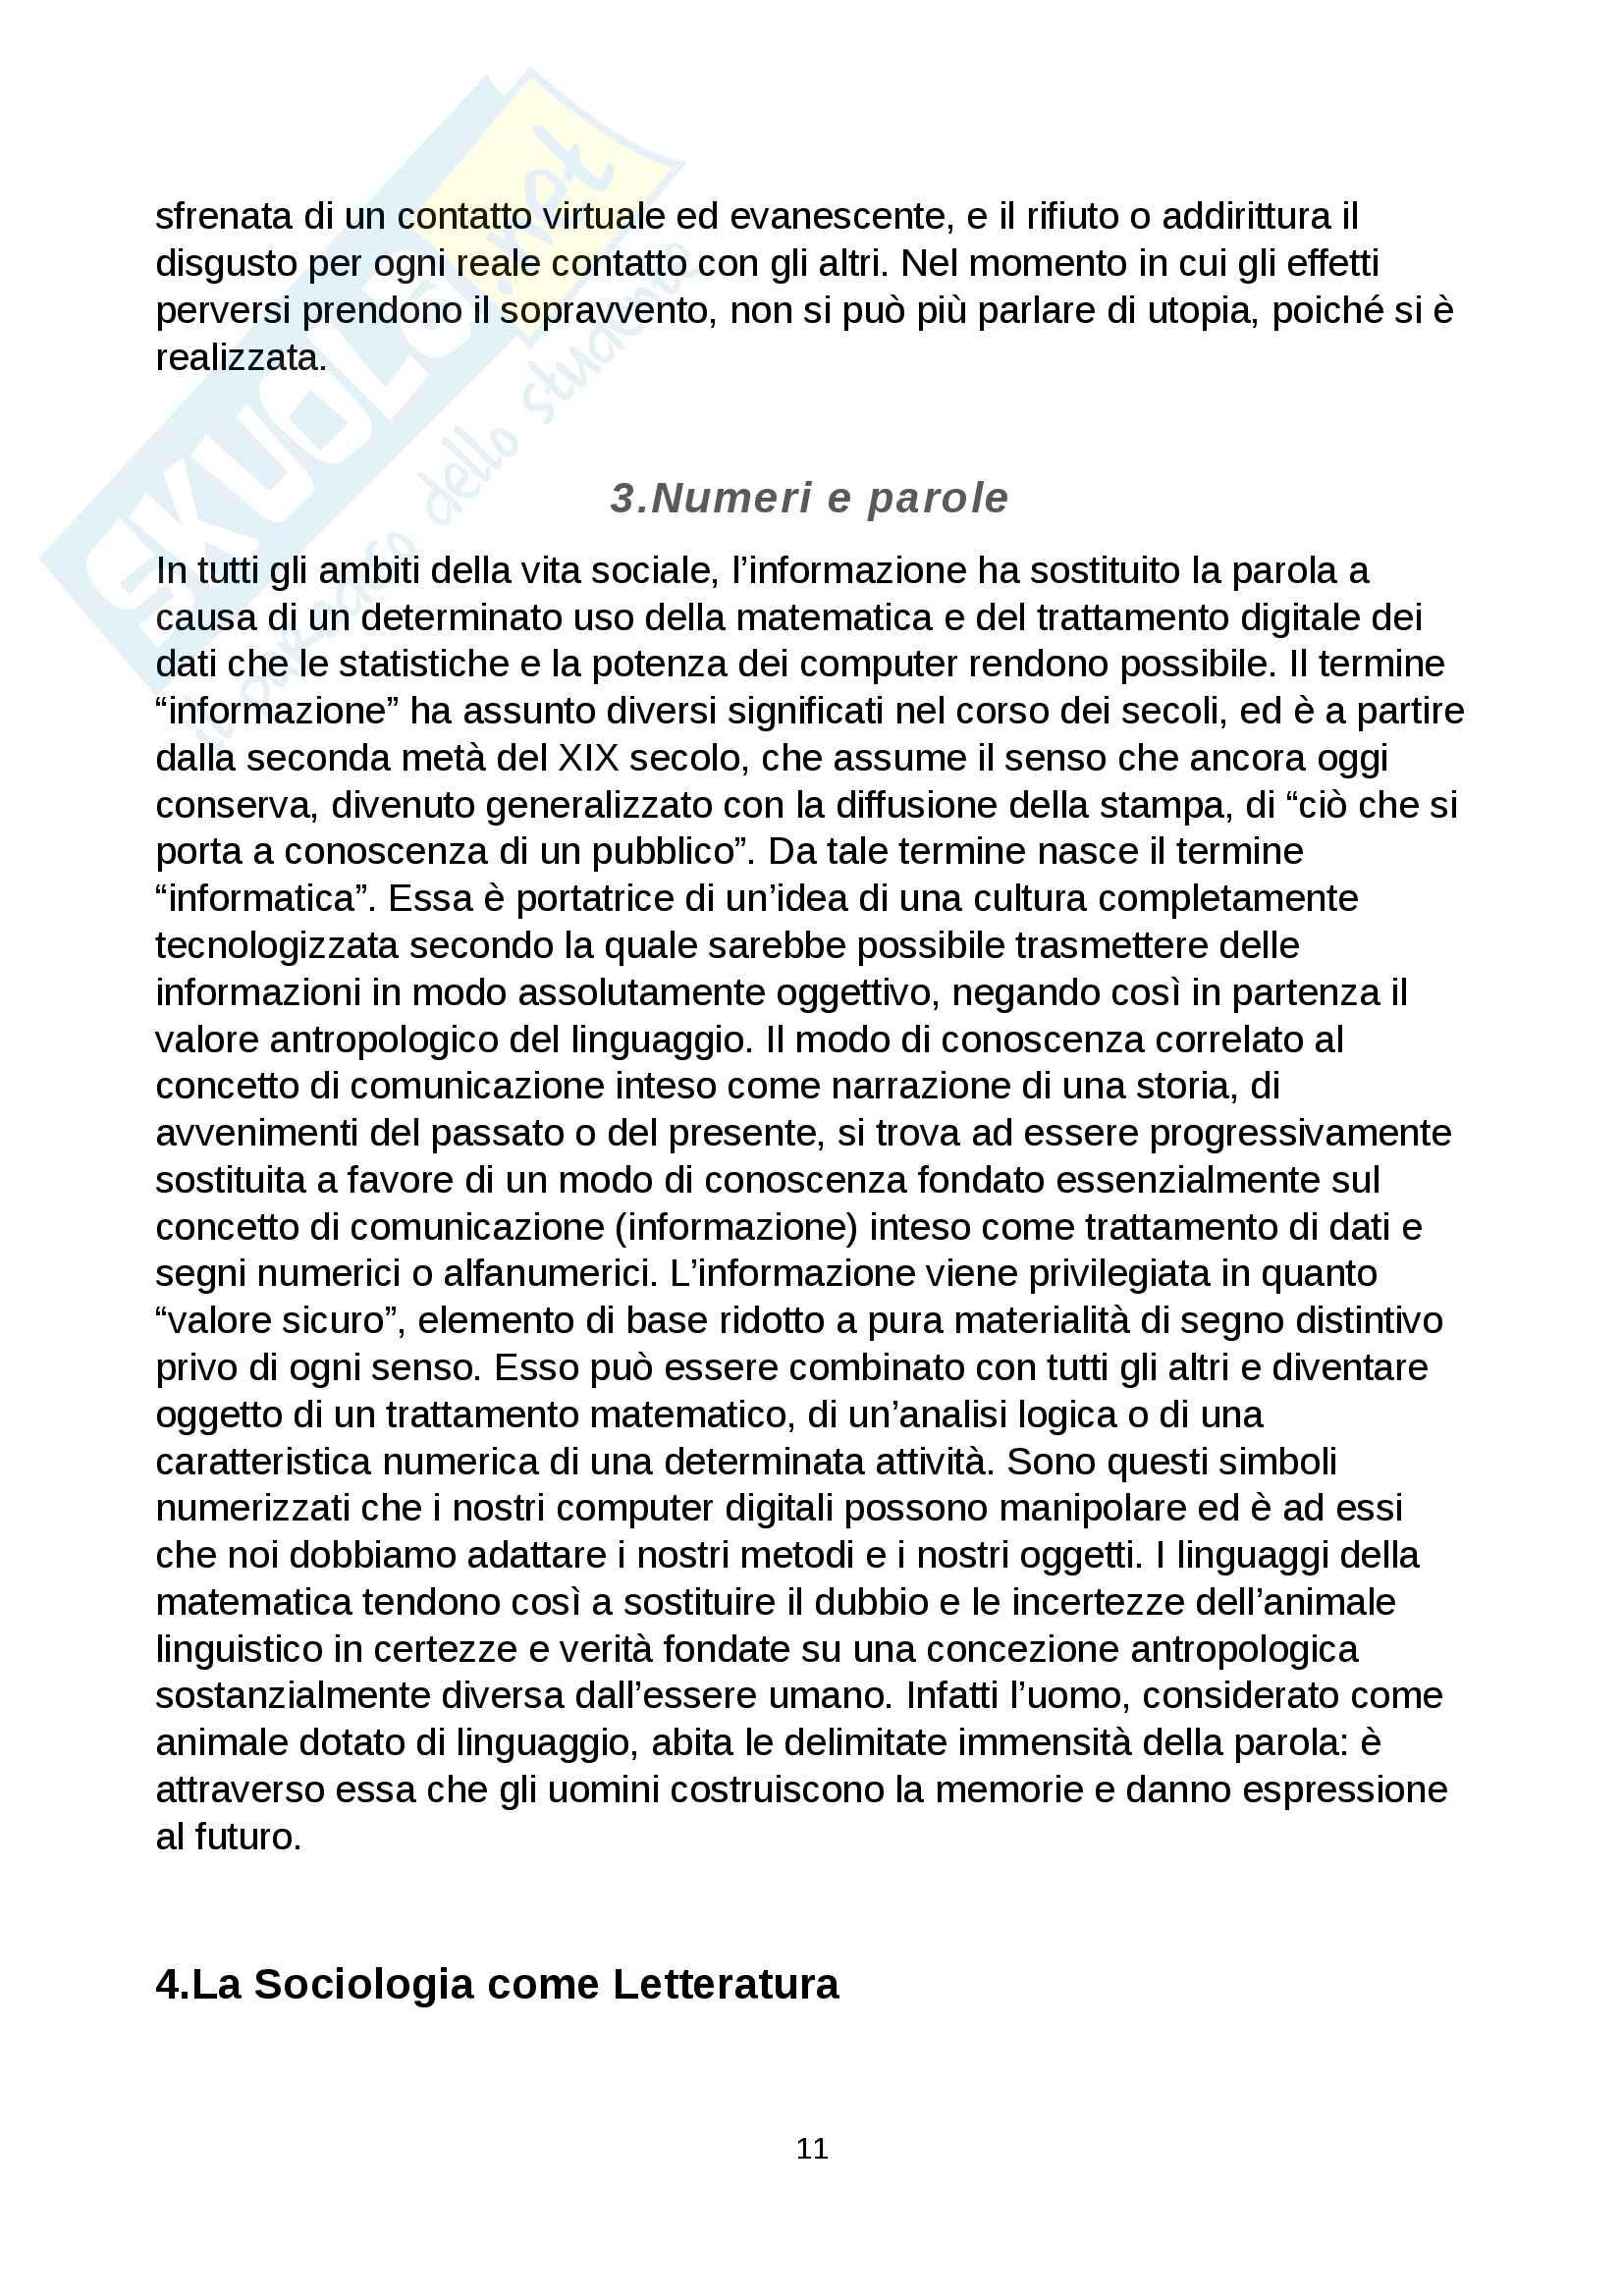 Riassunto esame Comunicazione e processi culturali, prof. Pecchinenda Gianfranco, libro consigliato Il Sistema Mimetico, Gianfranco Pecchinenda Pag. 11